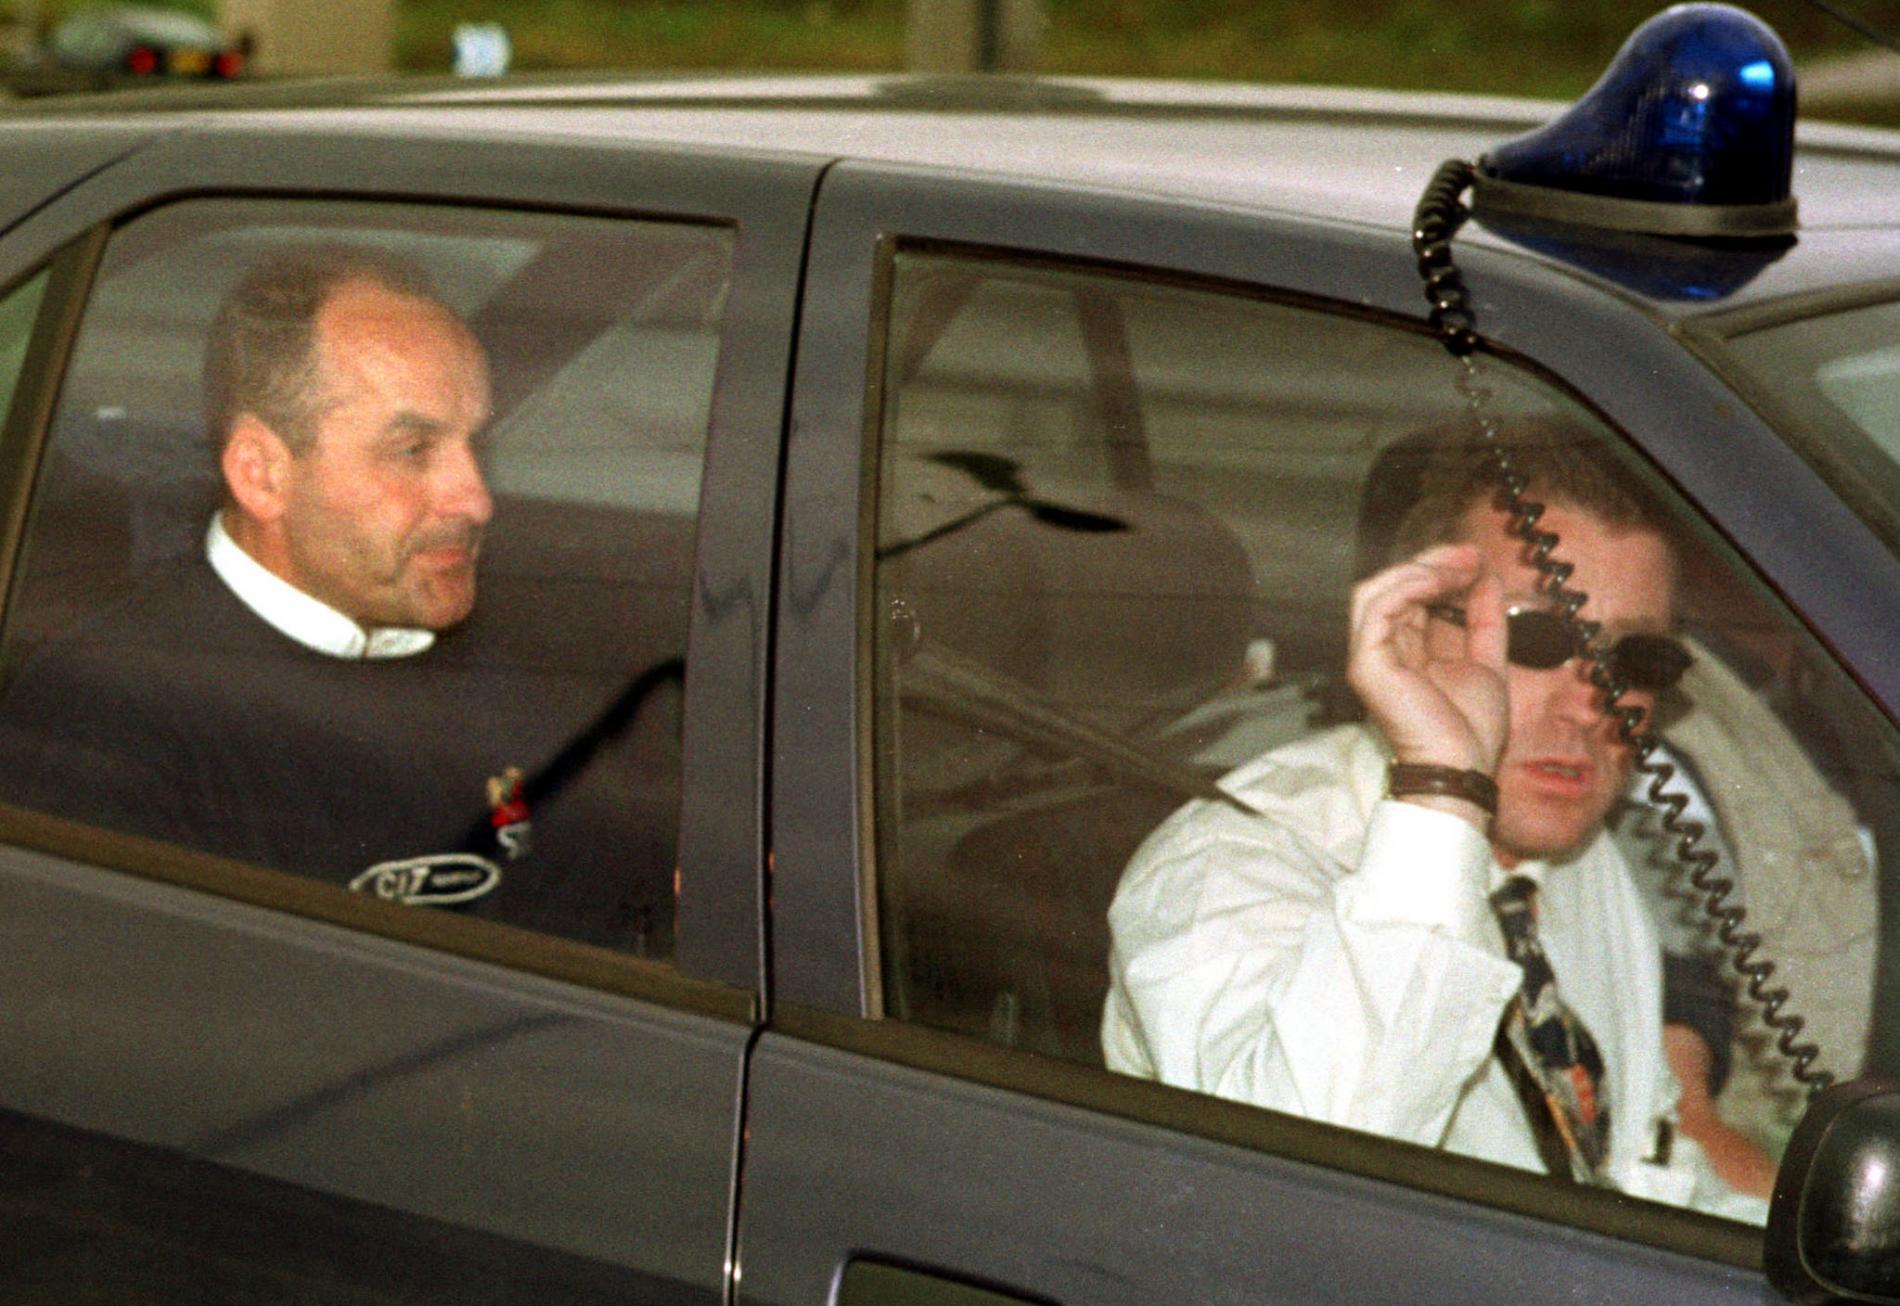 Le directeur sportif de l\'équipe Festina, Bruno Roussel, est conduit au tribunal de Lille (Nord) sous escorte policière, le 17 juillet 1998.